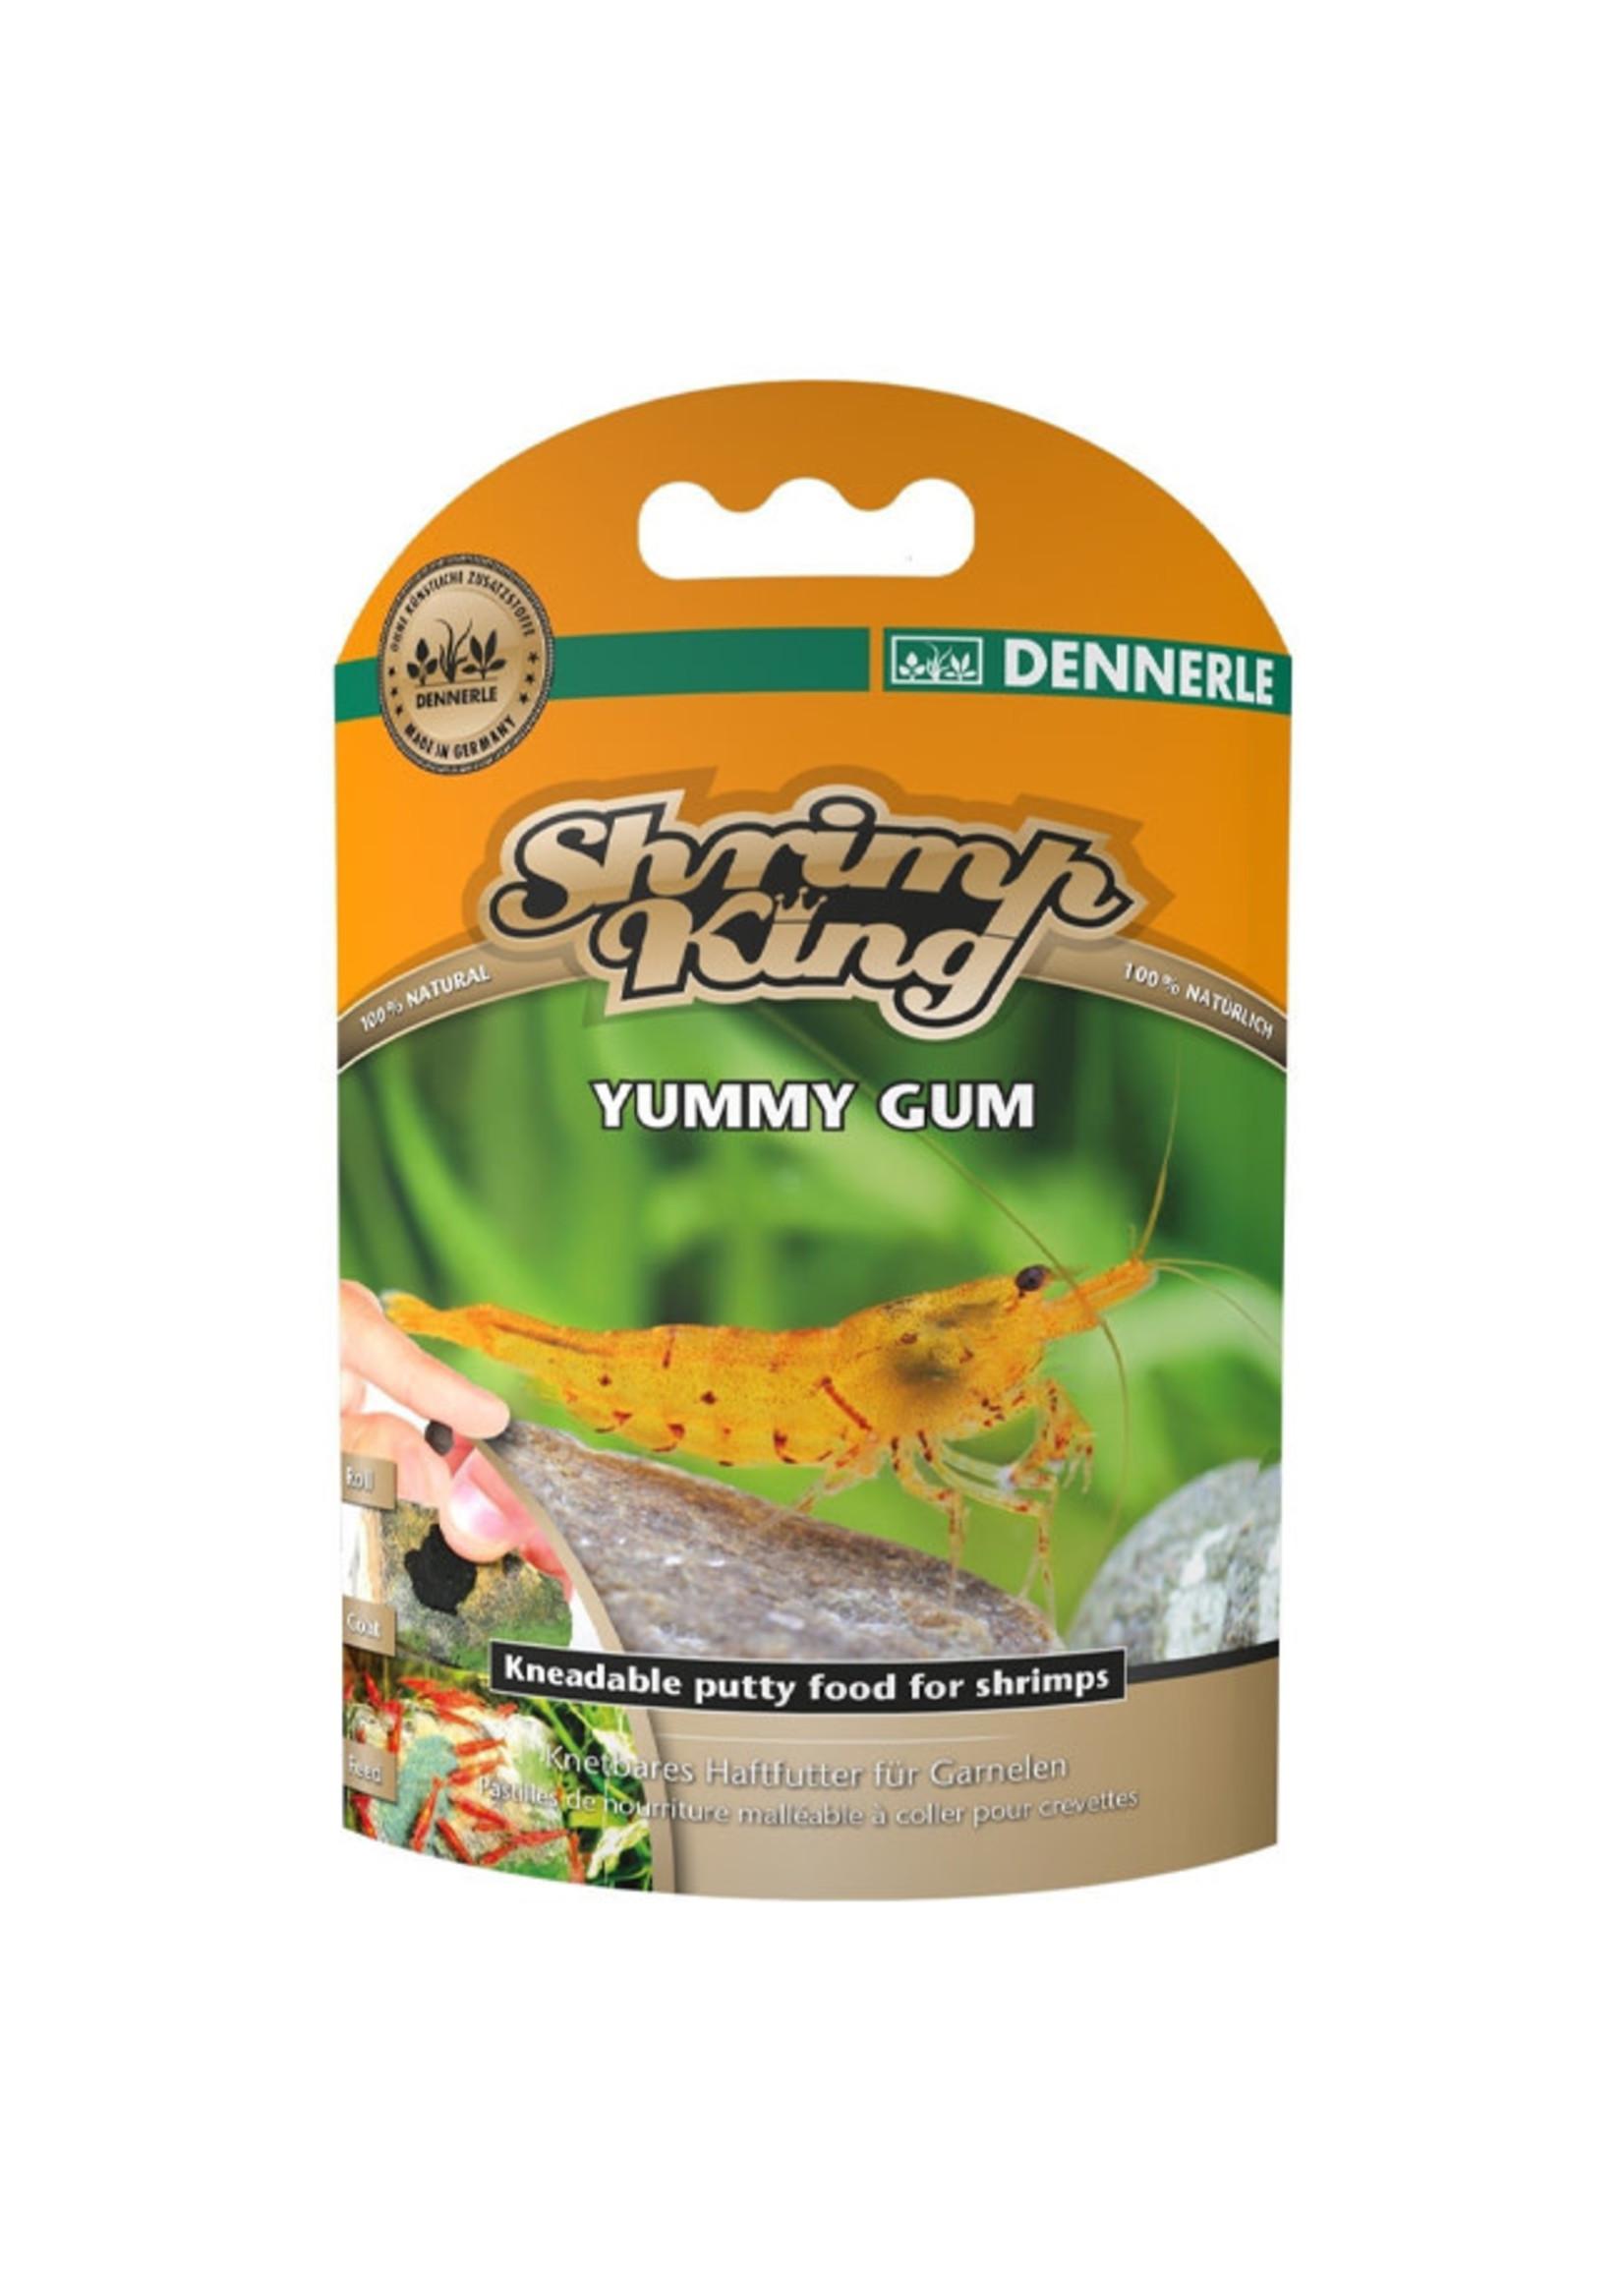 Shrimp King Shrimp King Yummy Gum Shrimp Putty 55g